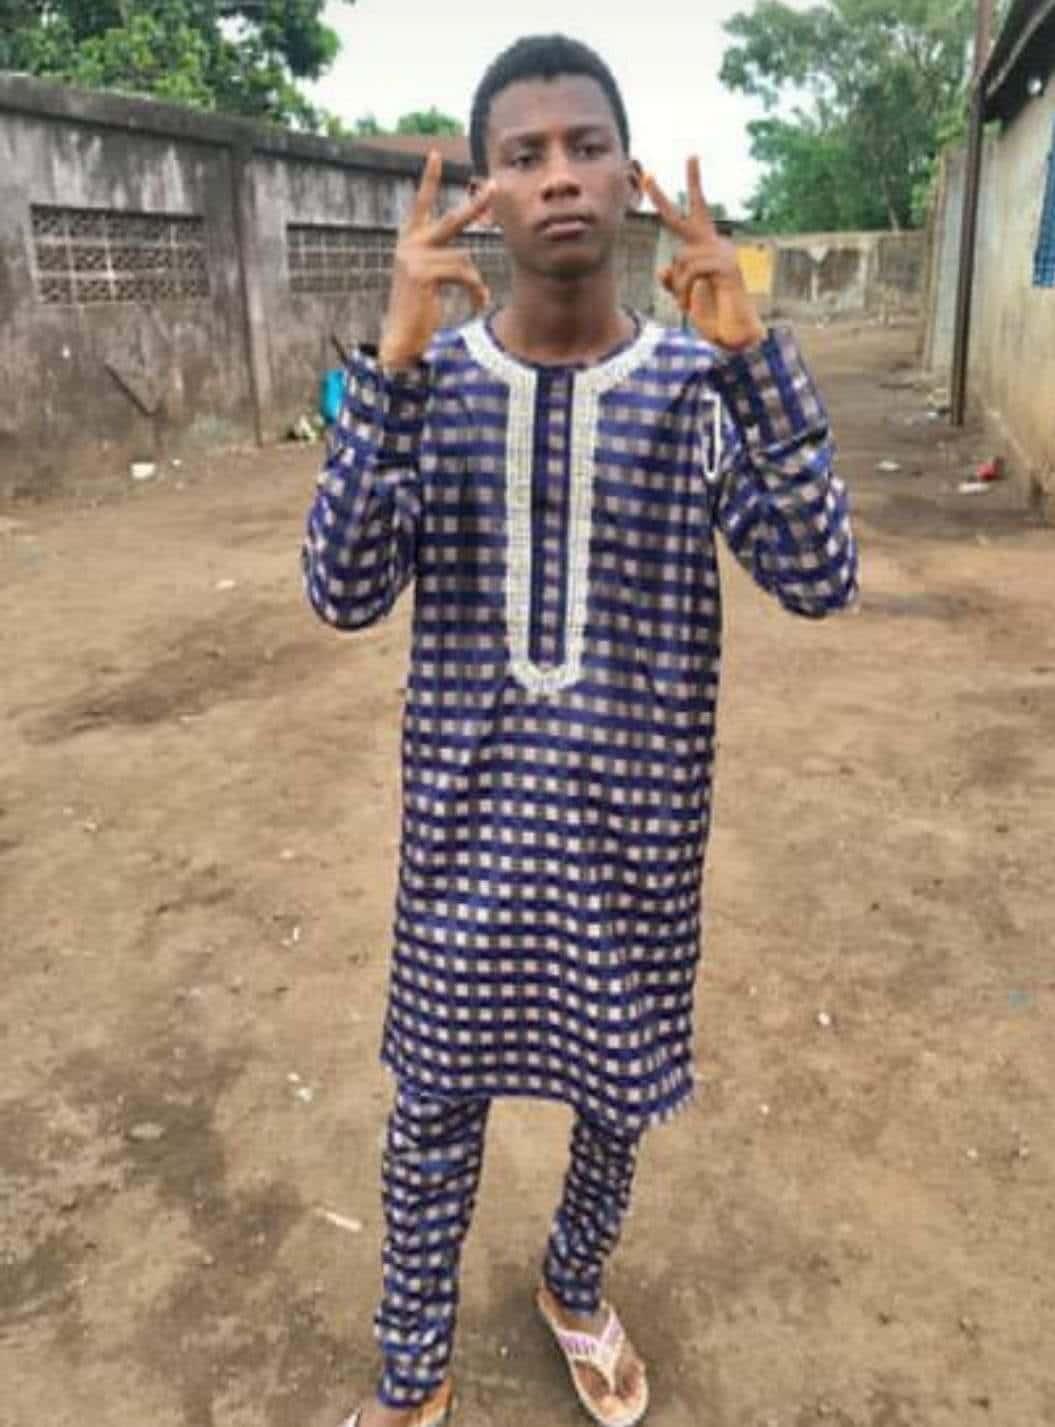 Guinée - la liste macabre s'allonge: Mamadou Bah abattu à Bambéto (Photo)